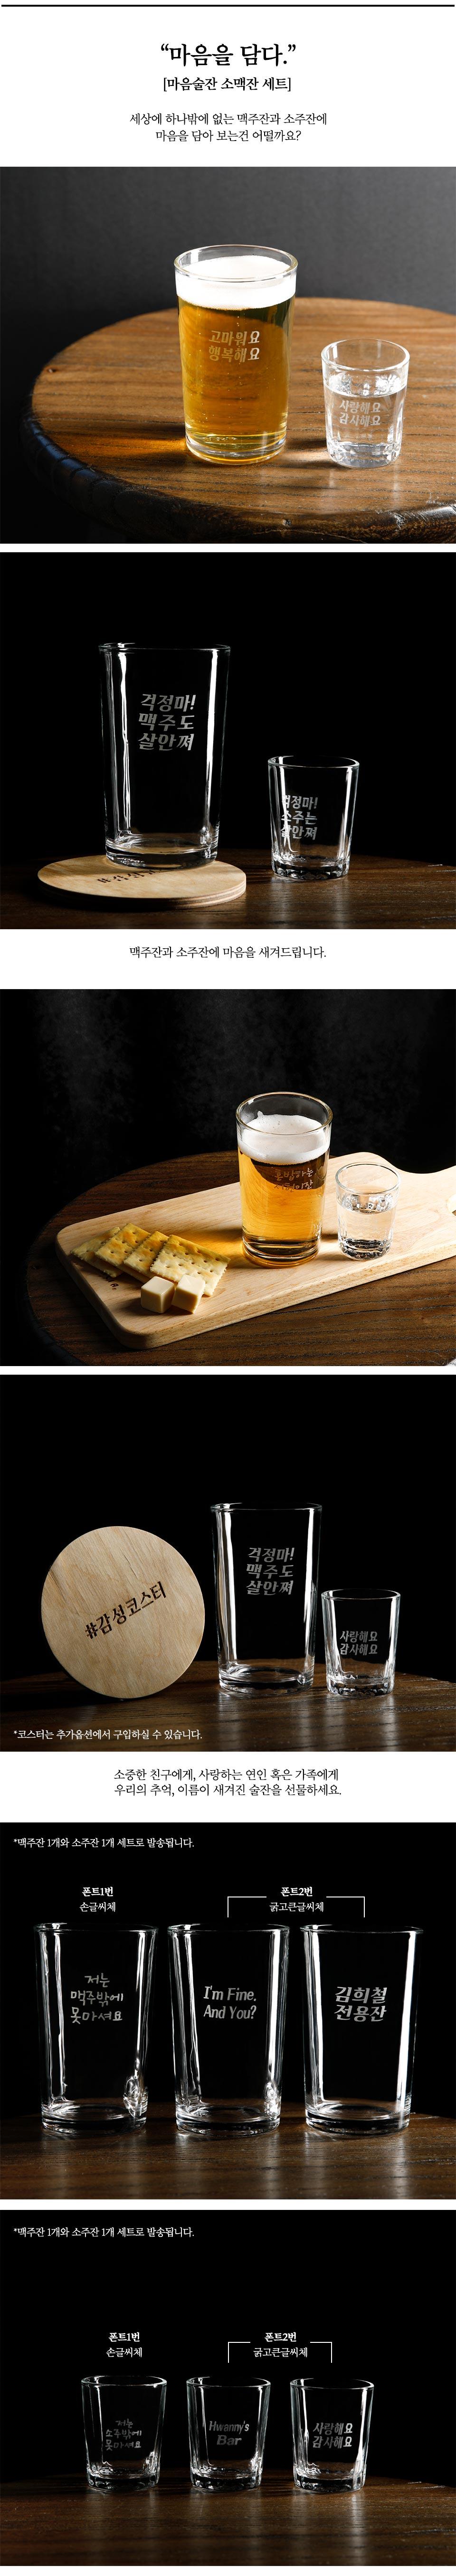 글씨 각인 소주잔 맥주잔 마음술잔 세트 각인술잔 - 비비플라워, 16,500원, 유리컵/술잔, 소주잔